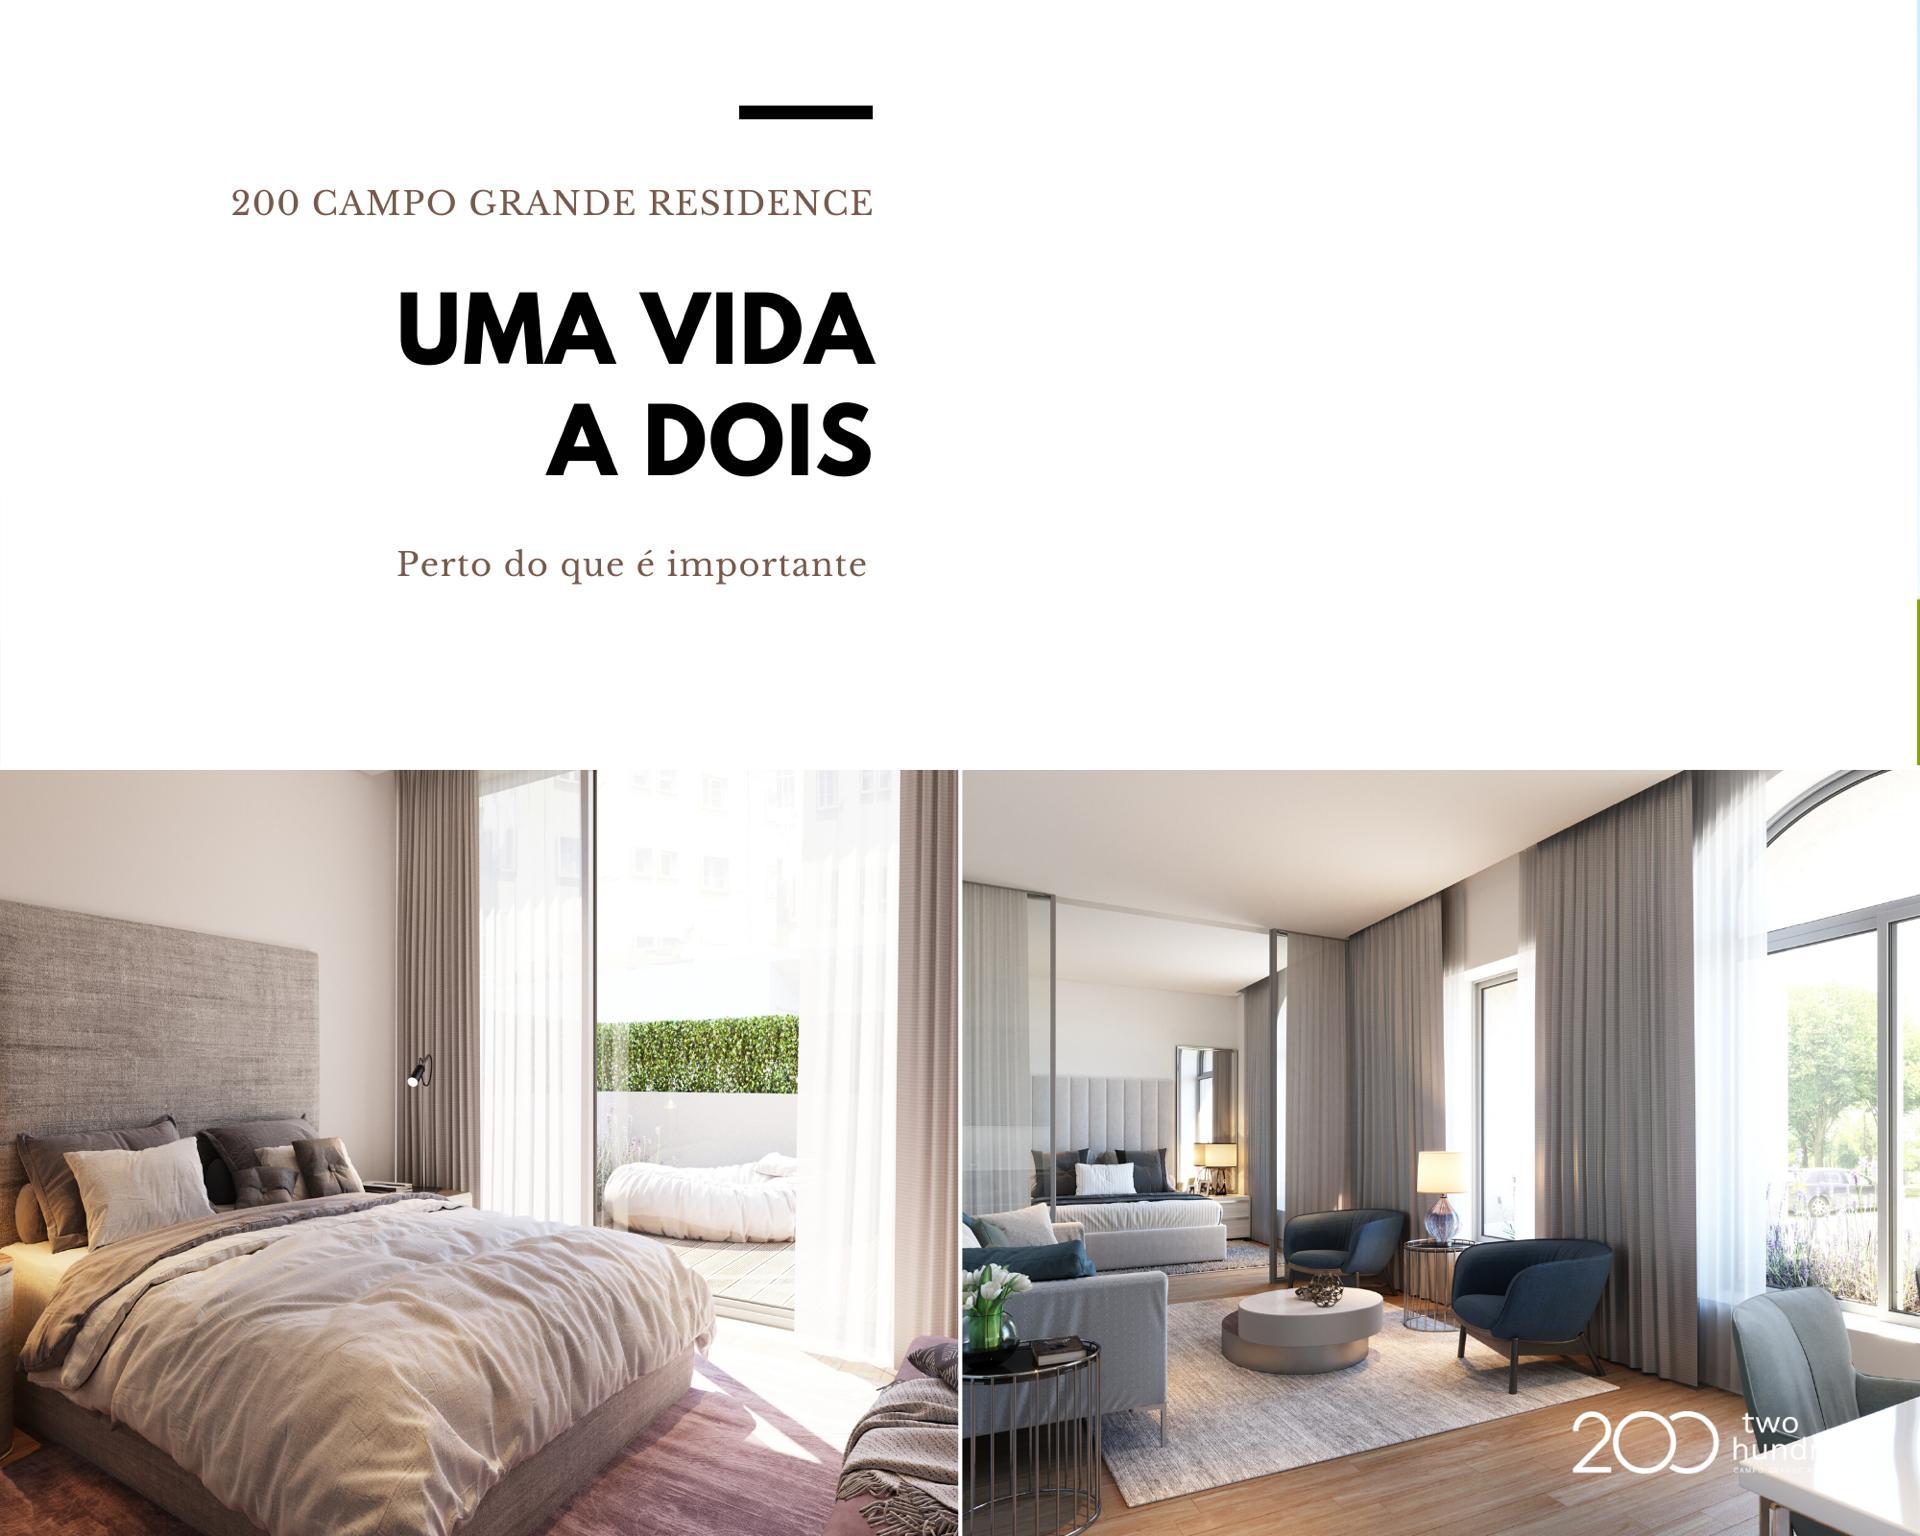 IMG-20191205-WA0003